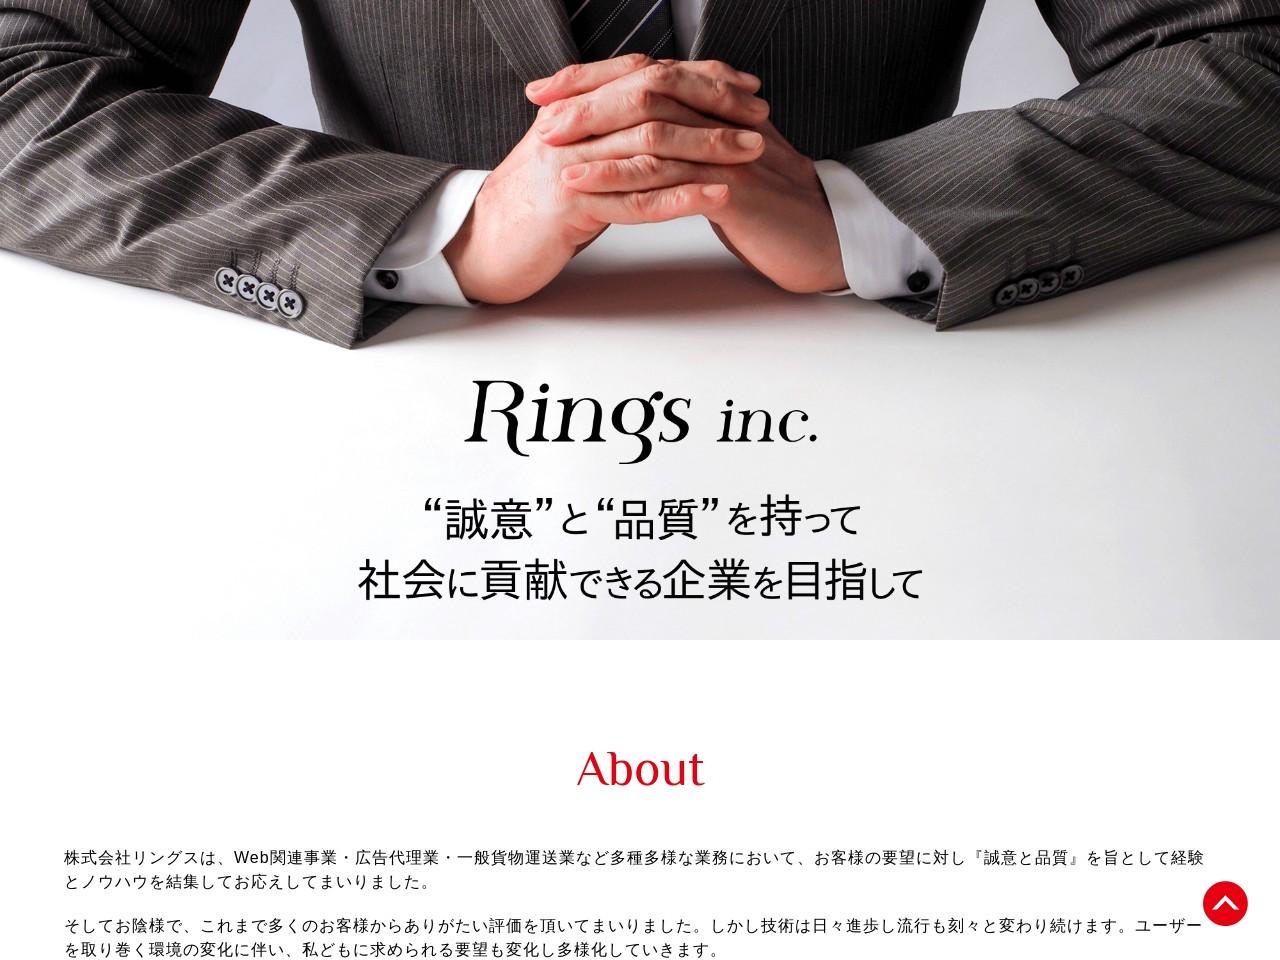 株式会社リングス